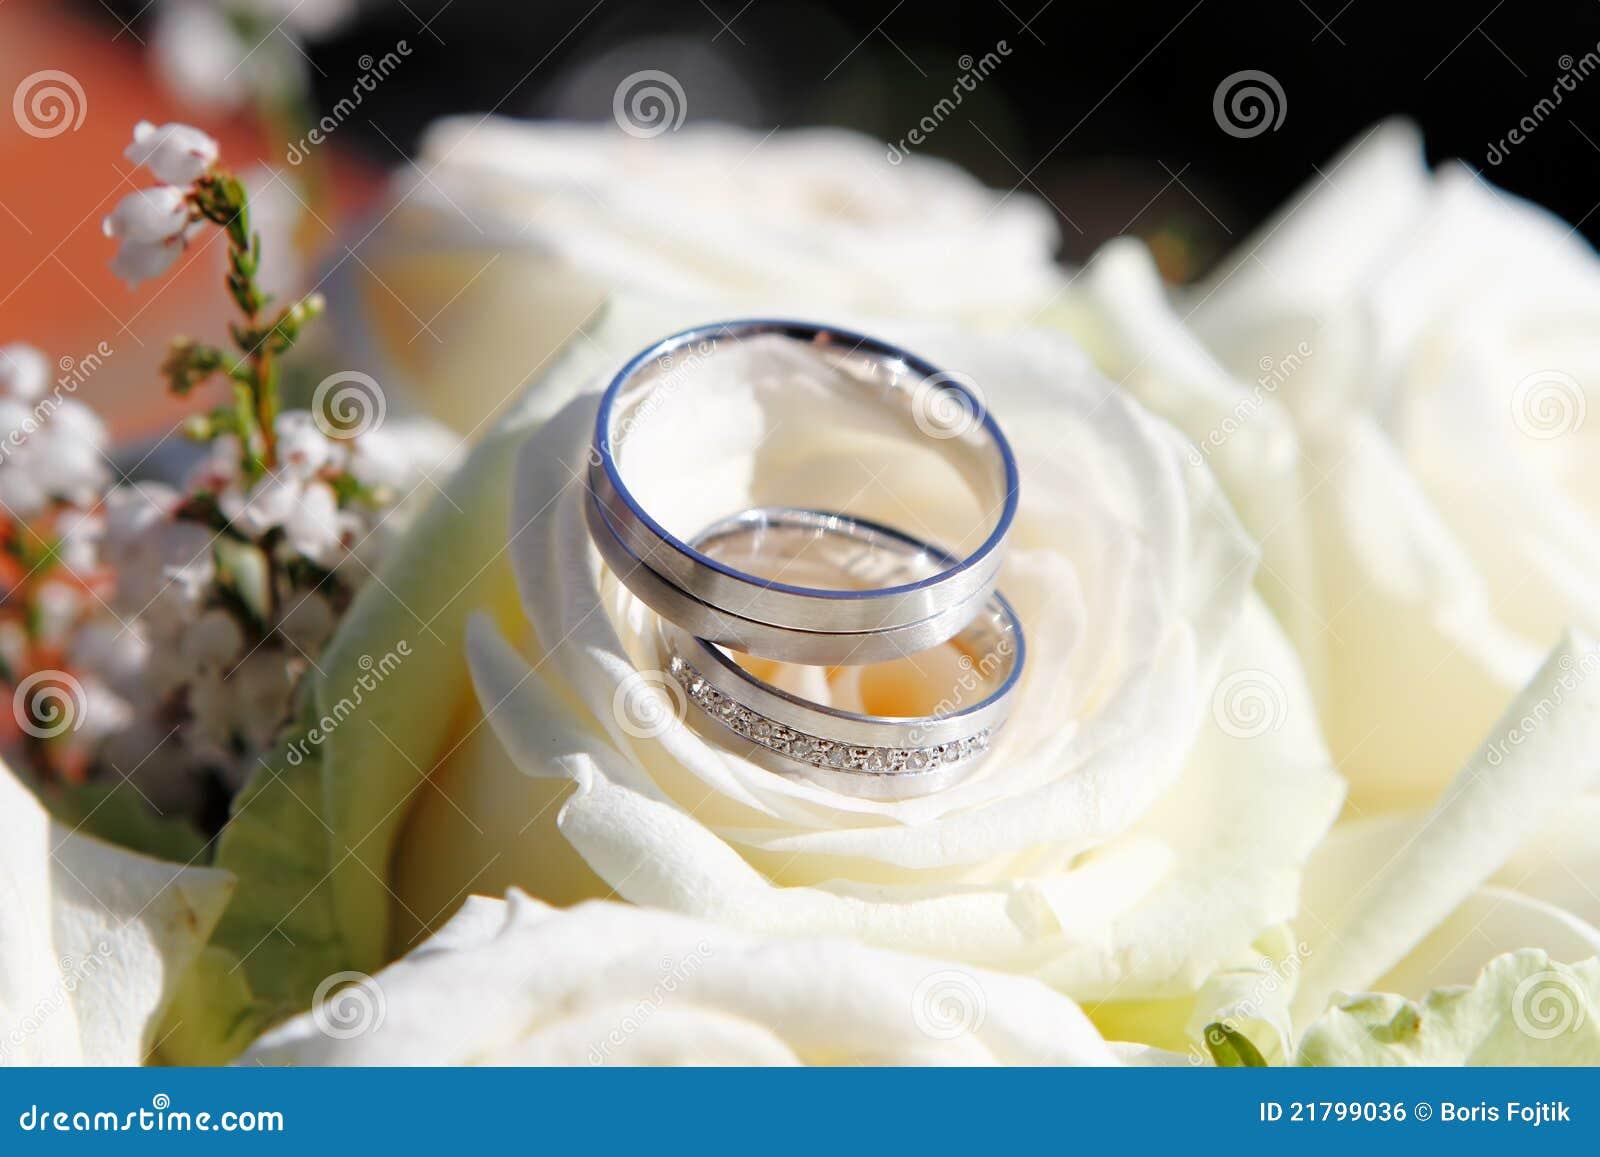 Hochzeits Ringe Mit Blumen Stockfoto Bild Von Bogen 21799036